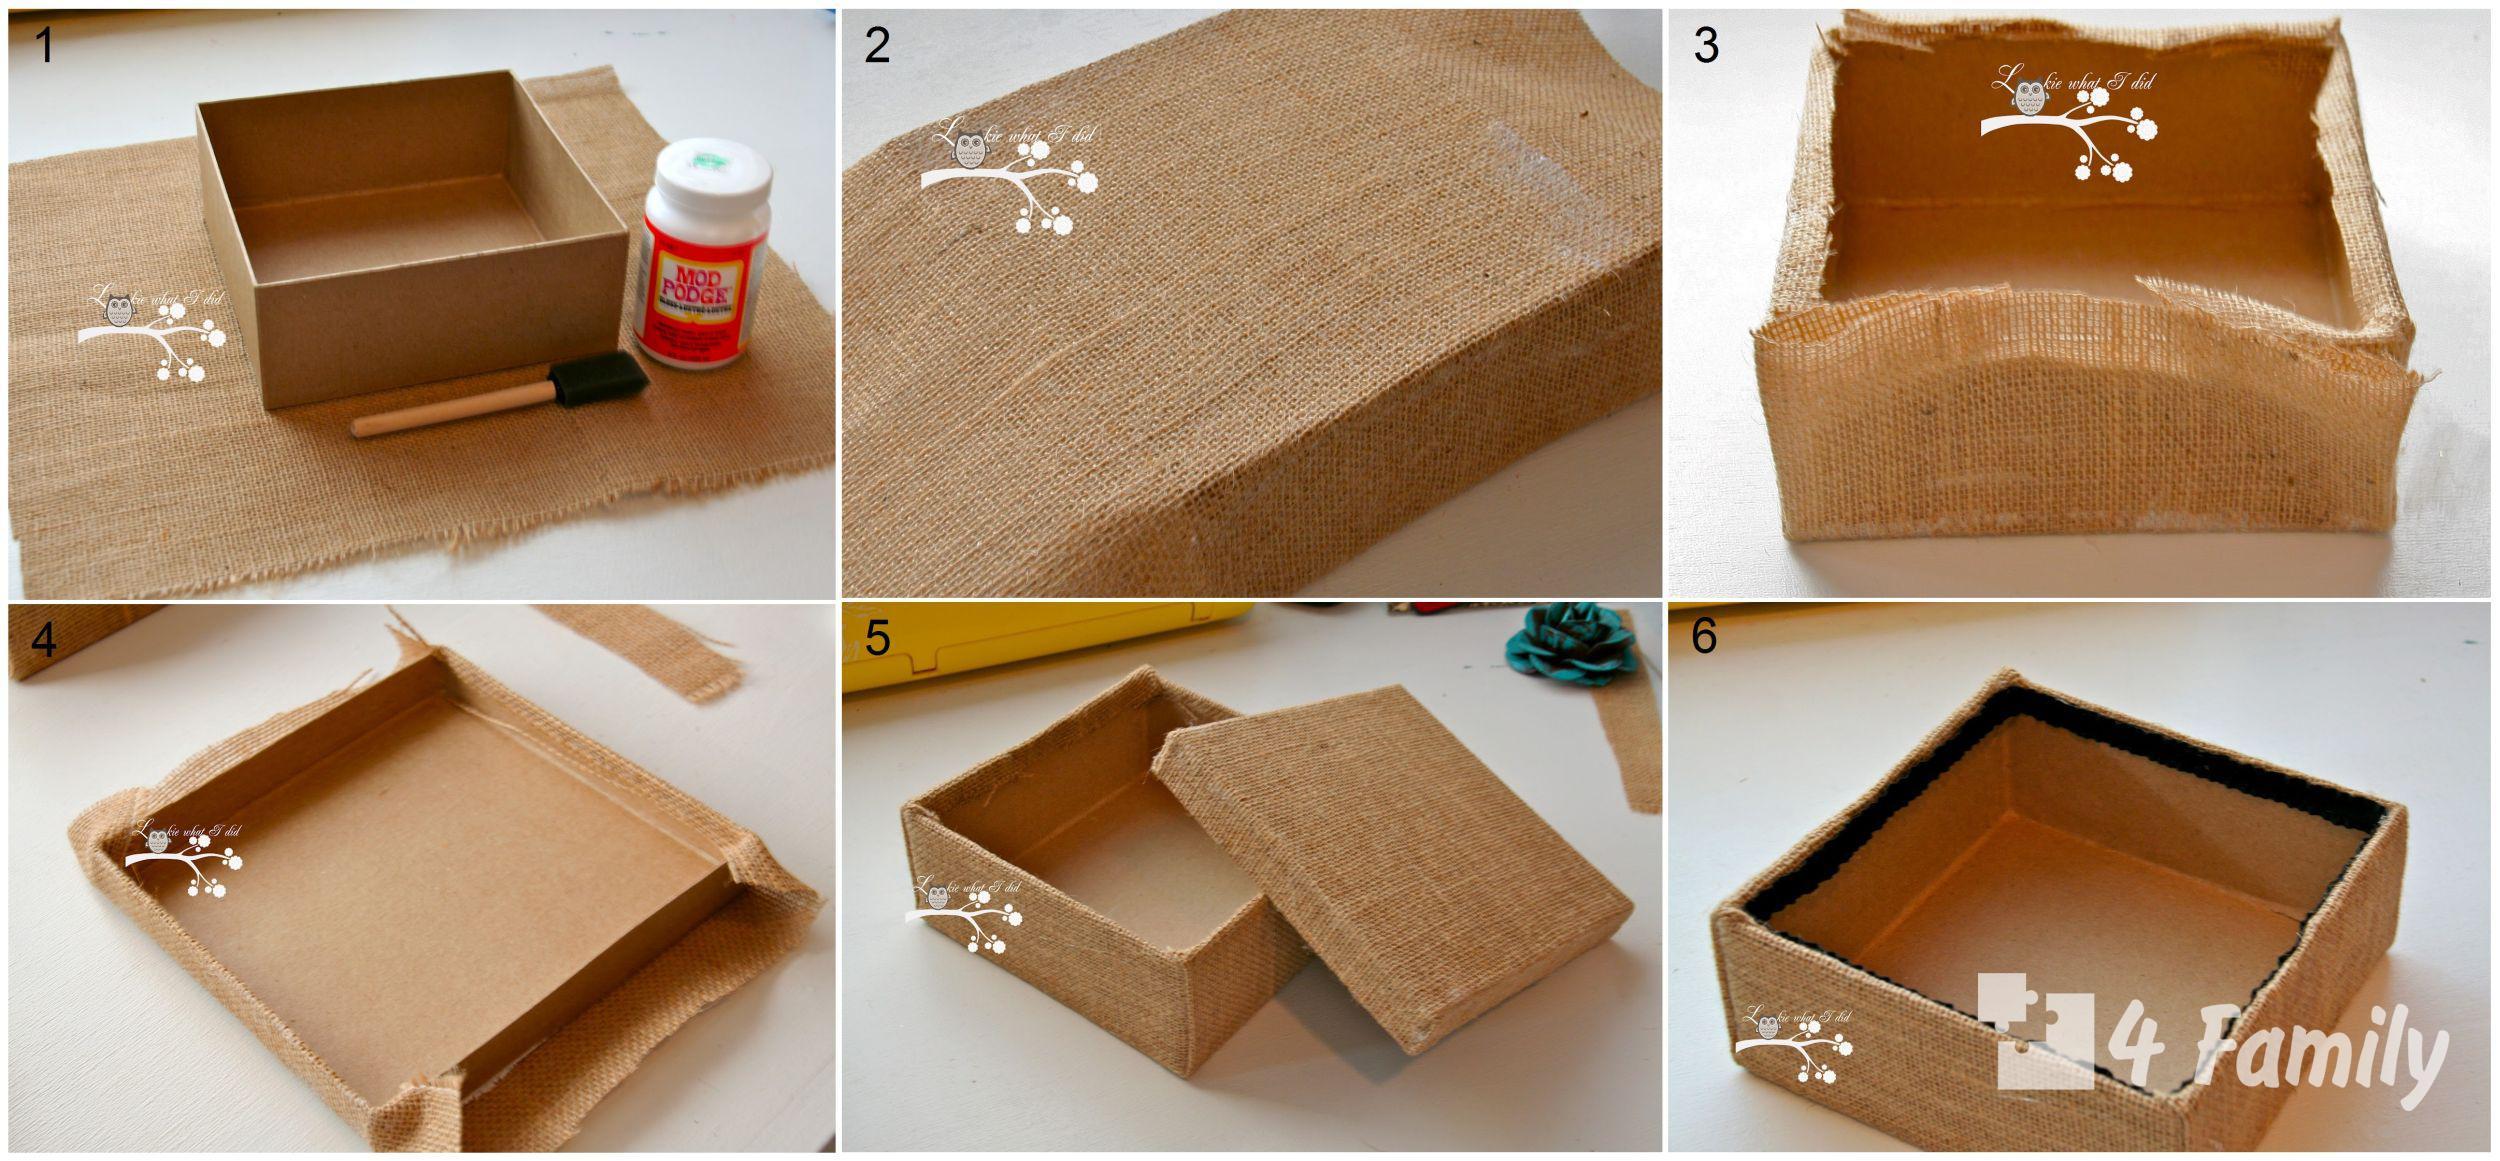 4family Как сделать коробку своими руками ребенку